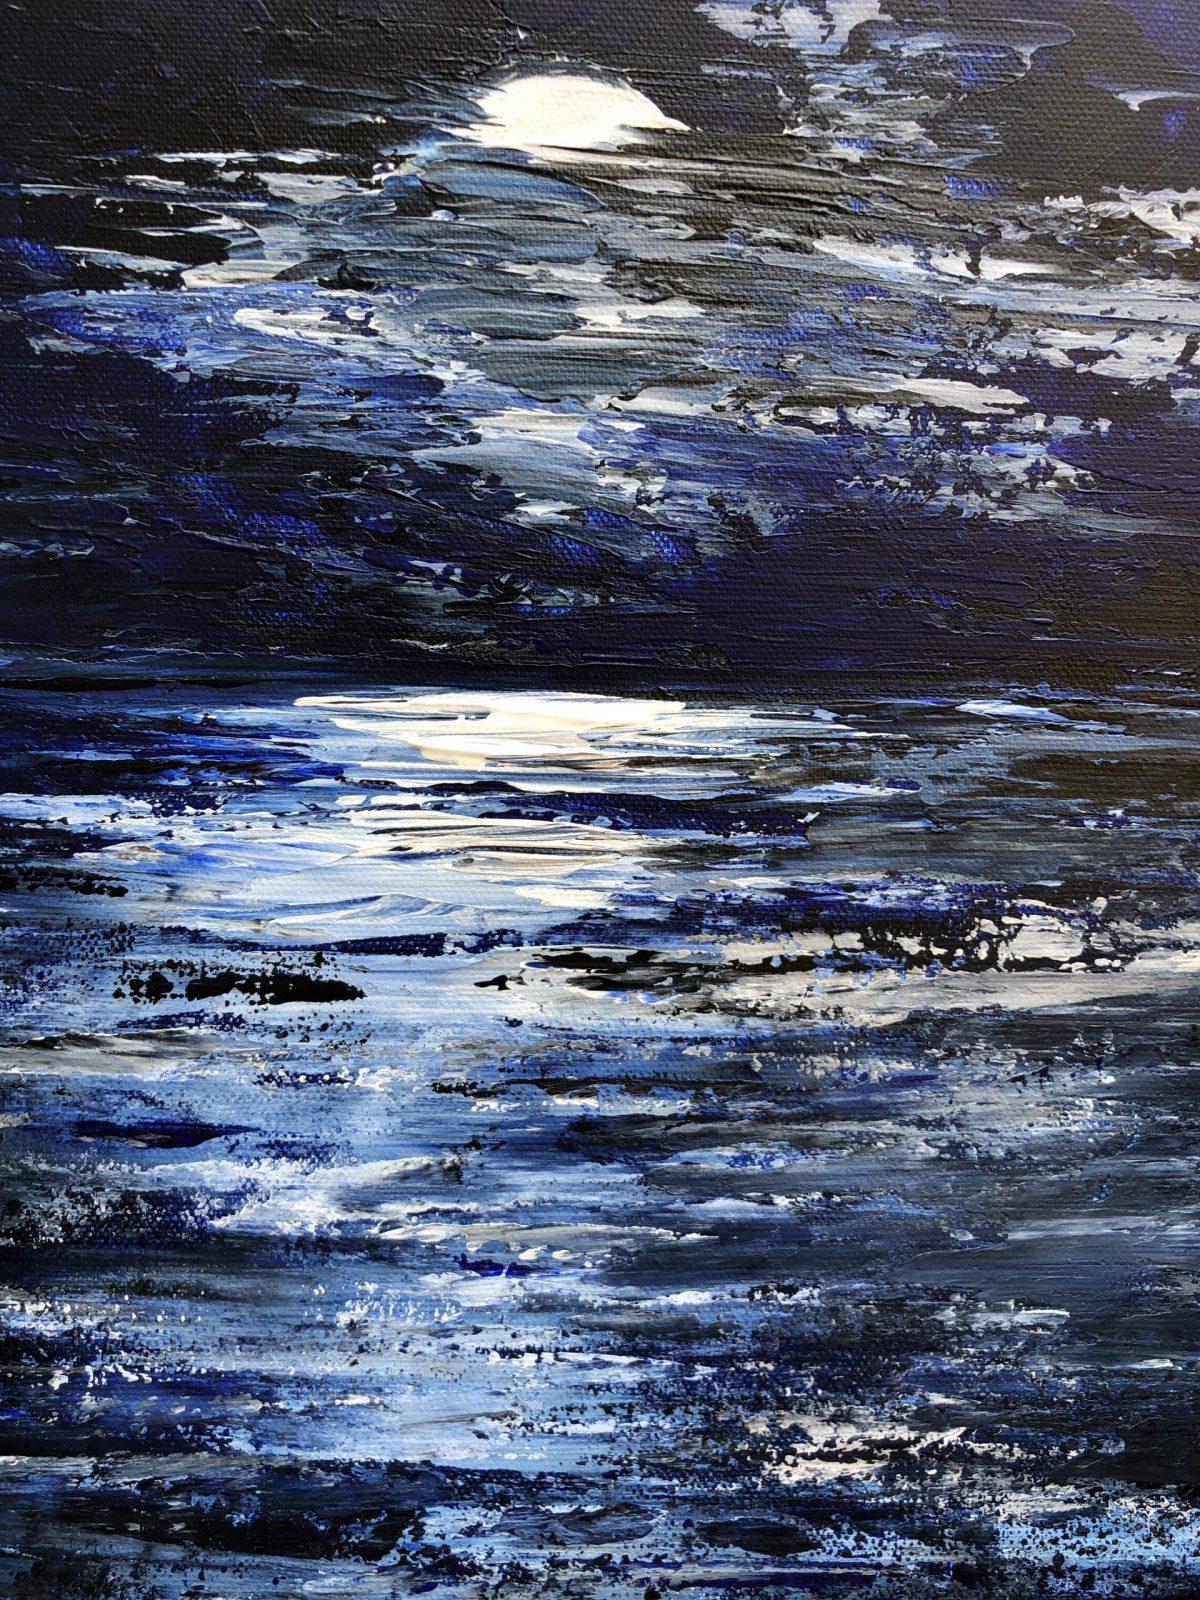 La nuit sur l'Océan, gros plan sur le coucher de soleil